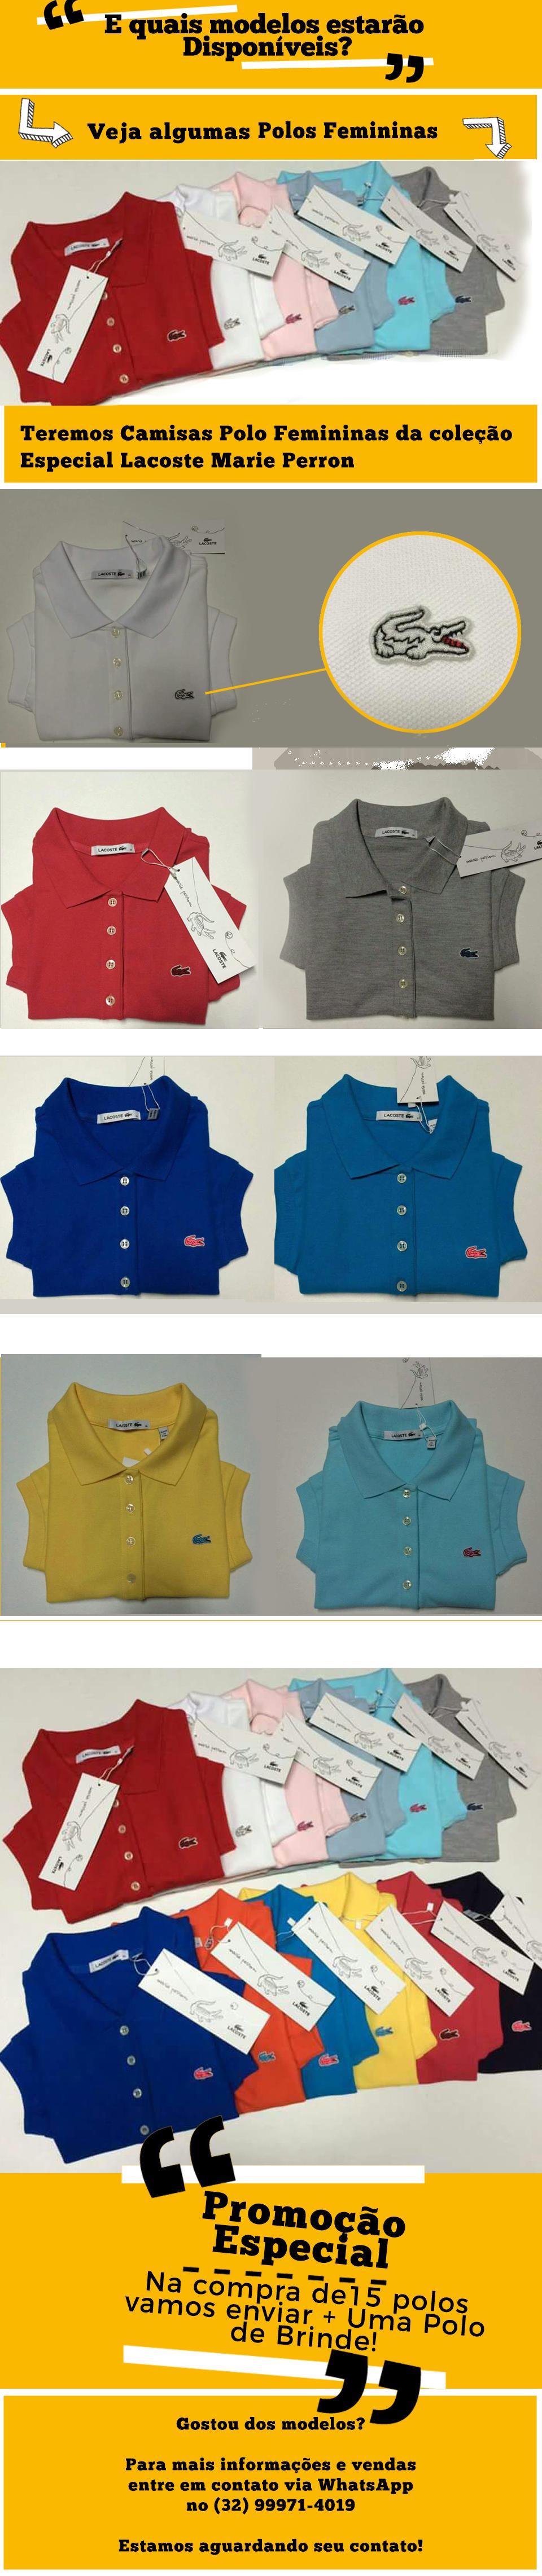 083008e22a3ef Camisas polo lacoste femininas promoção especial coleção especial